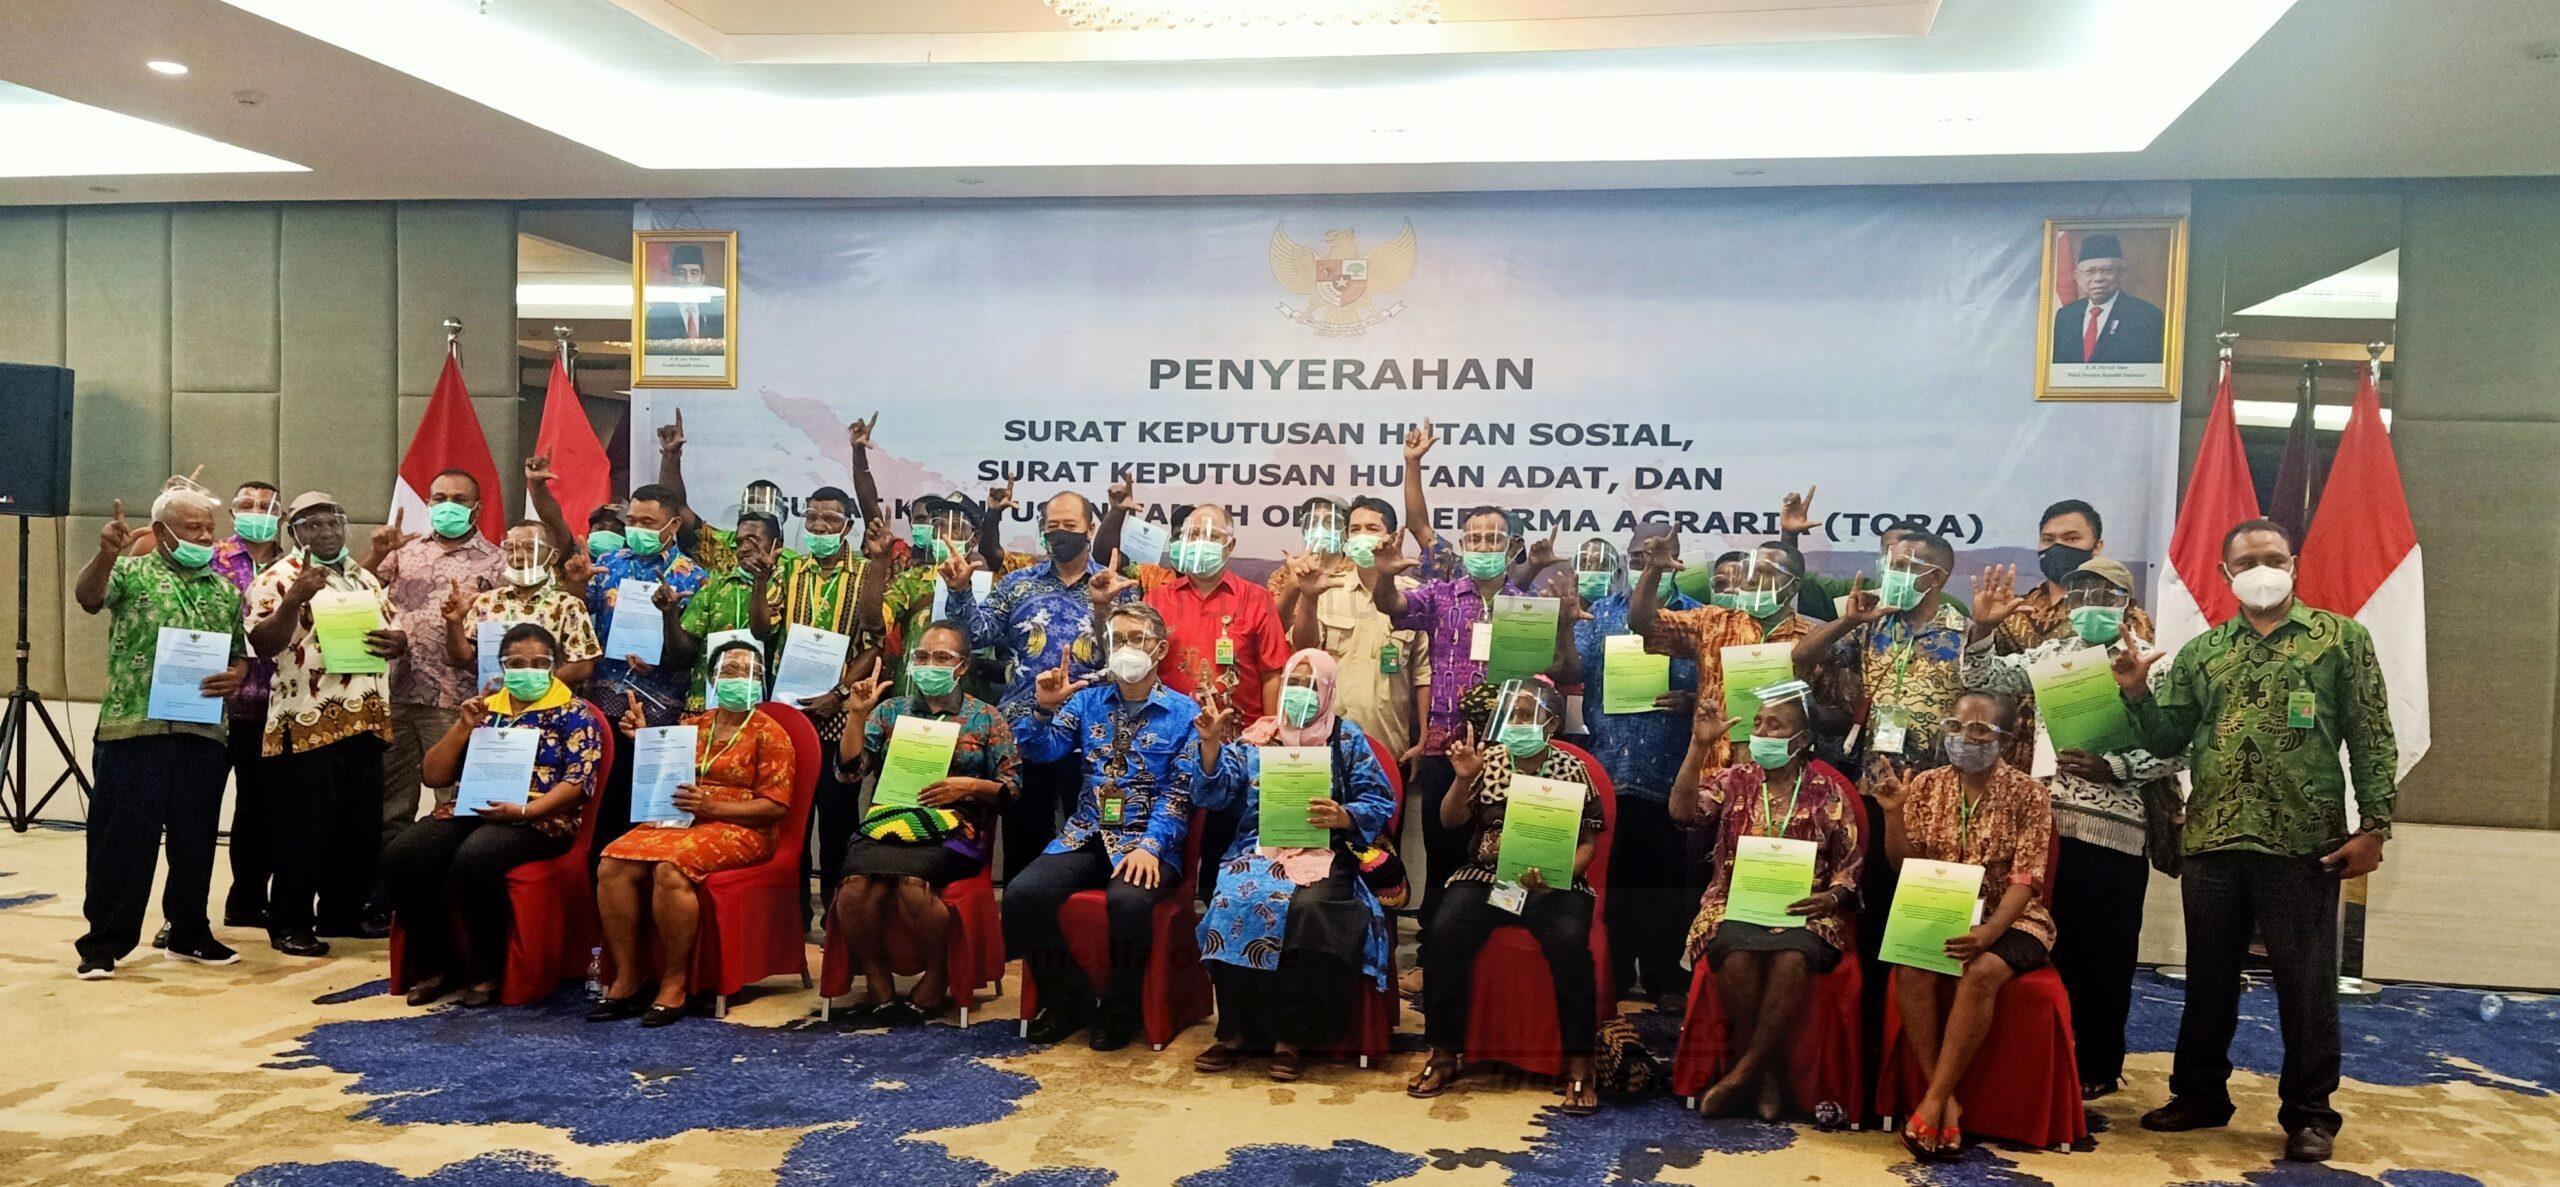 Gubernur Papua Barat, SK Hutan Adat Akan Ditindaklanjuti Dalam Pergub dan Perda 17 IMG 20210108 202405 scaled